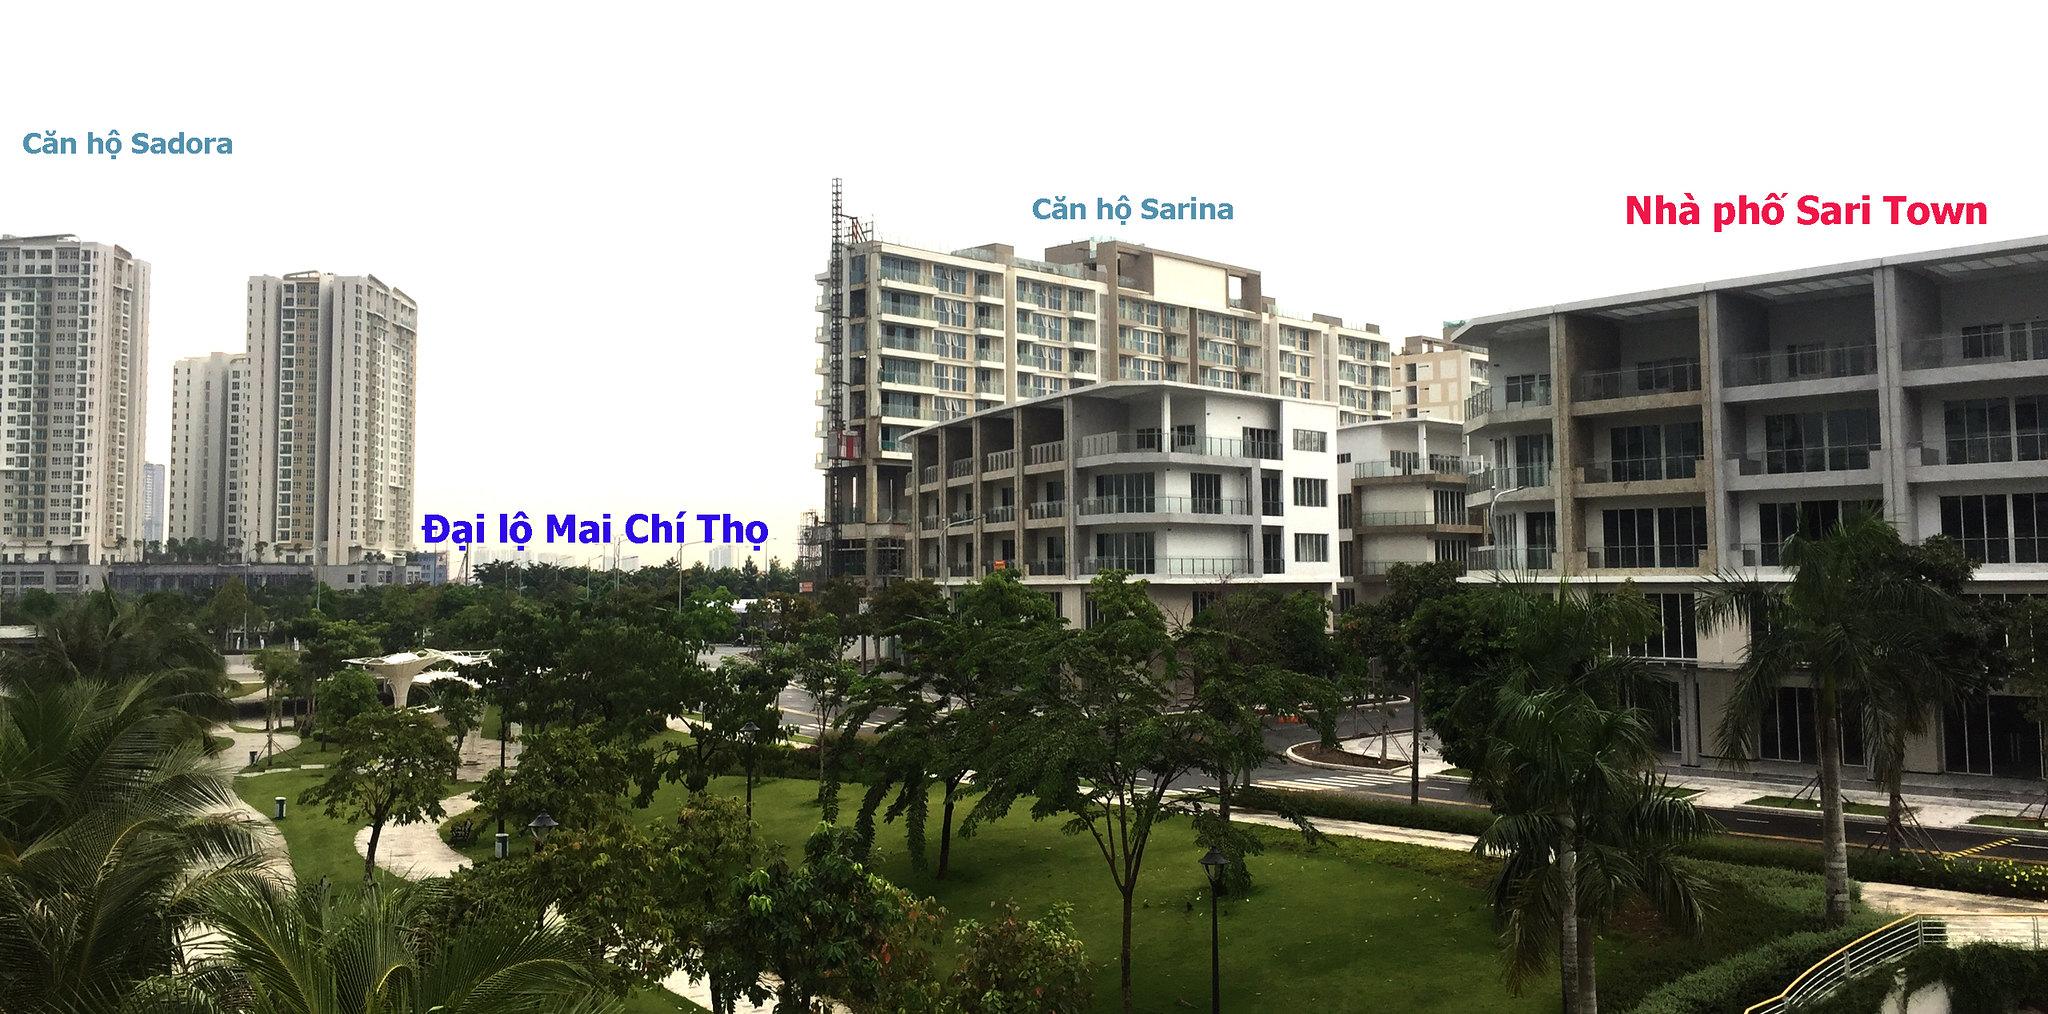 Khu nhà phố shophouse Sari Town - khu đô thị Sala cho thuê